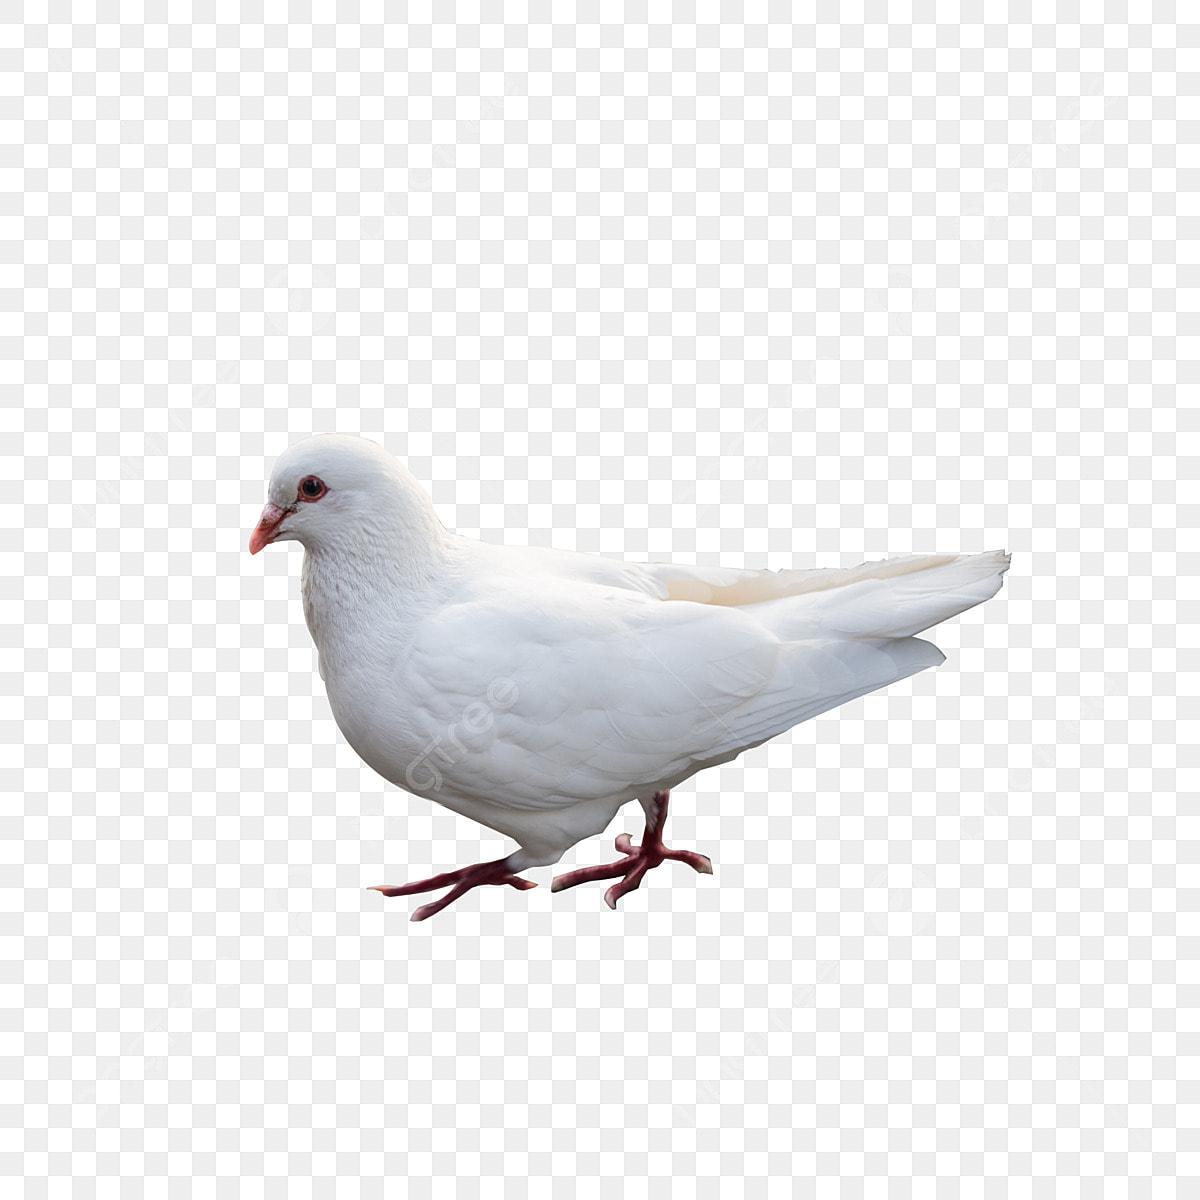 Gambar Merpati, Merpati, Burung, Merpati Putih PNG Transparan ...